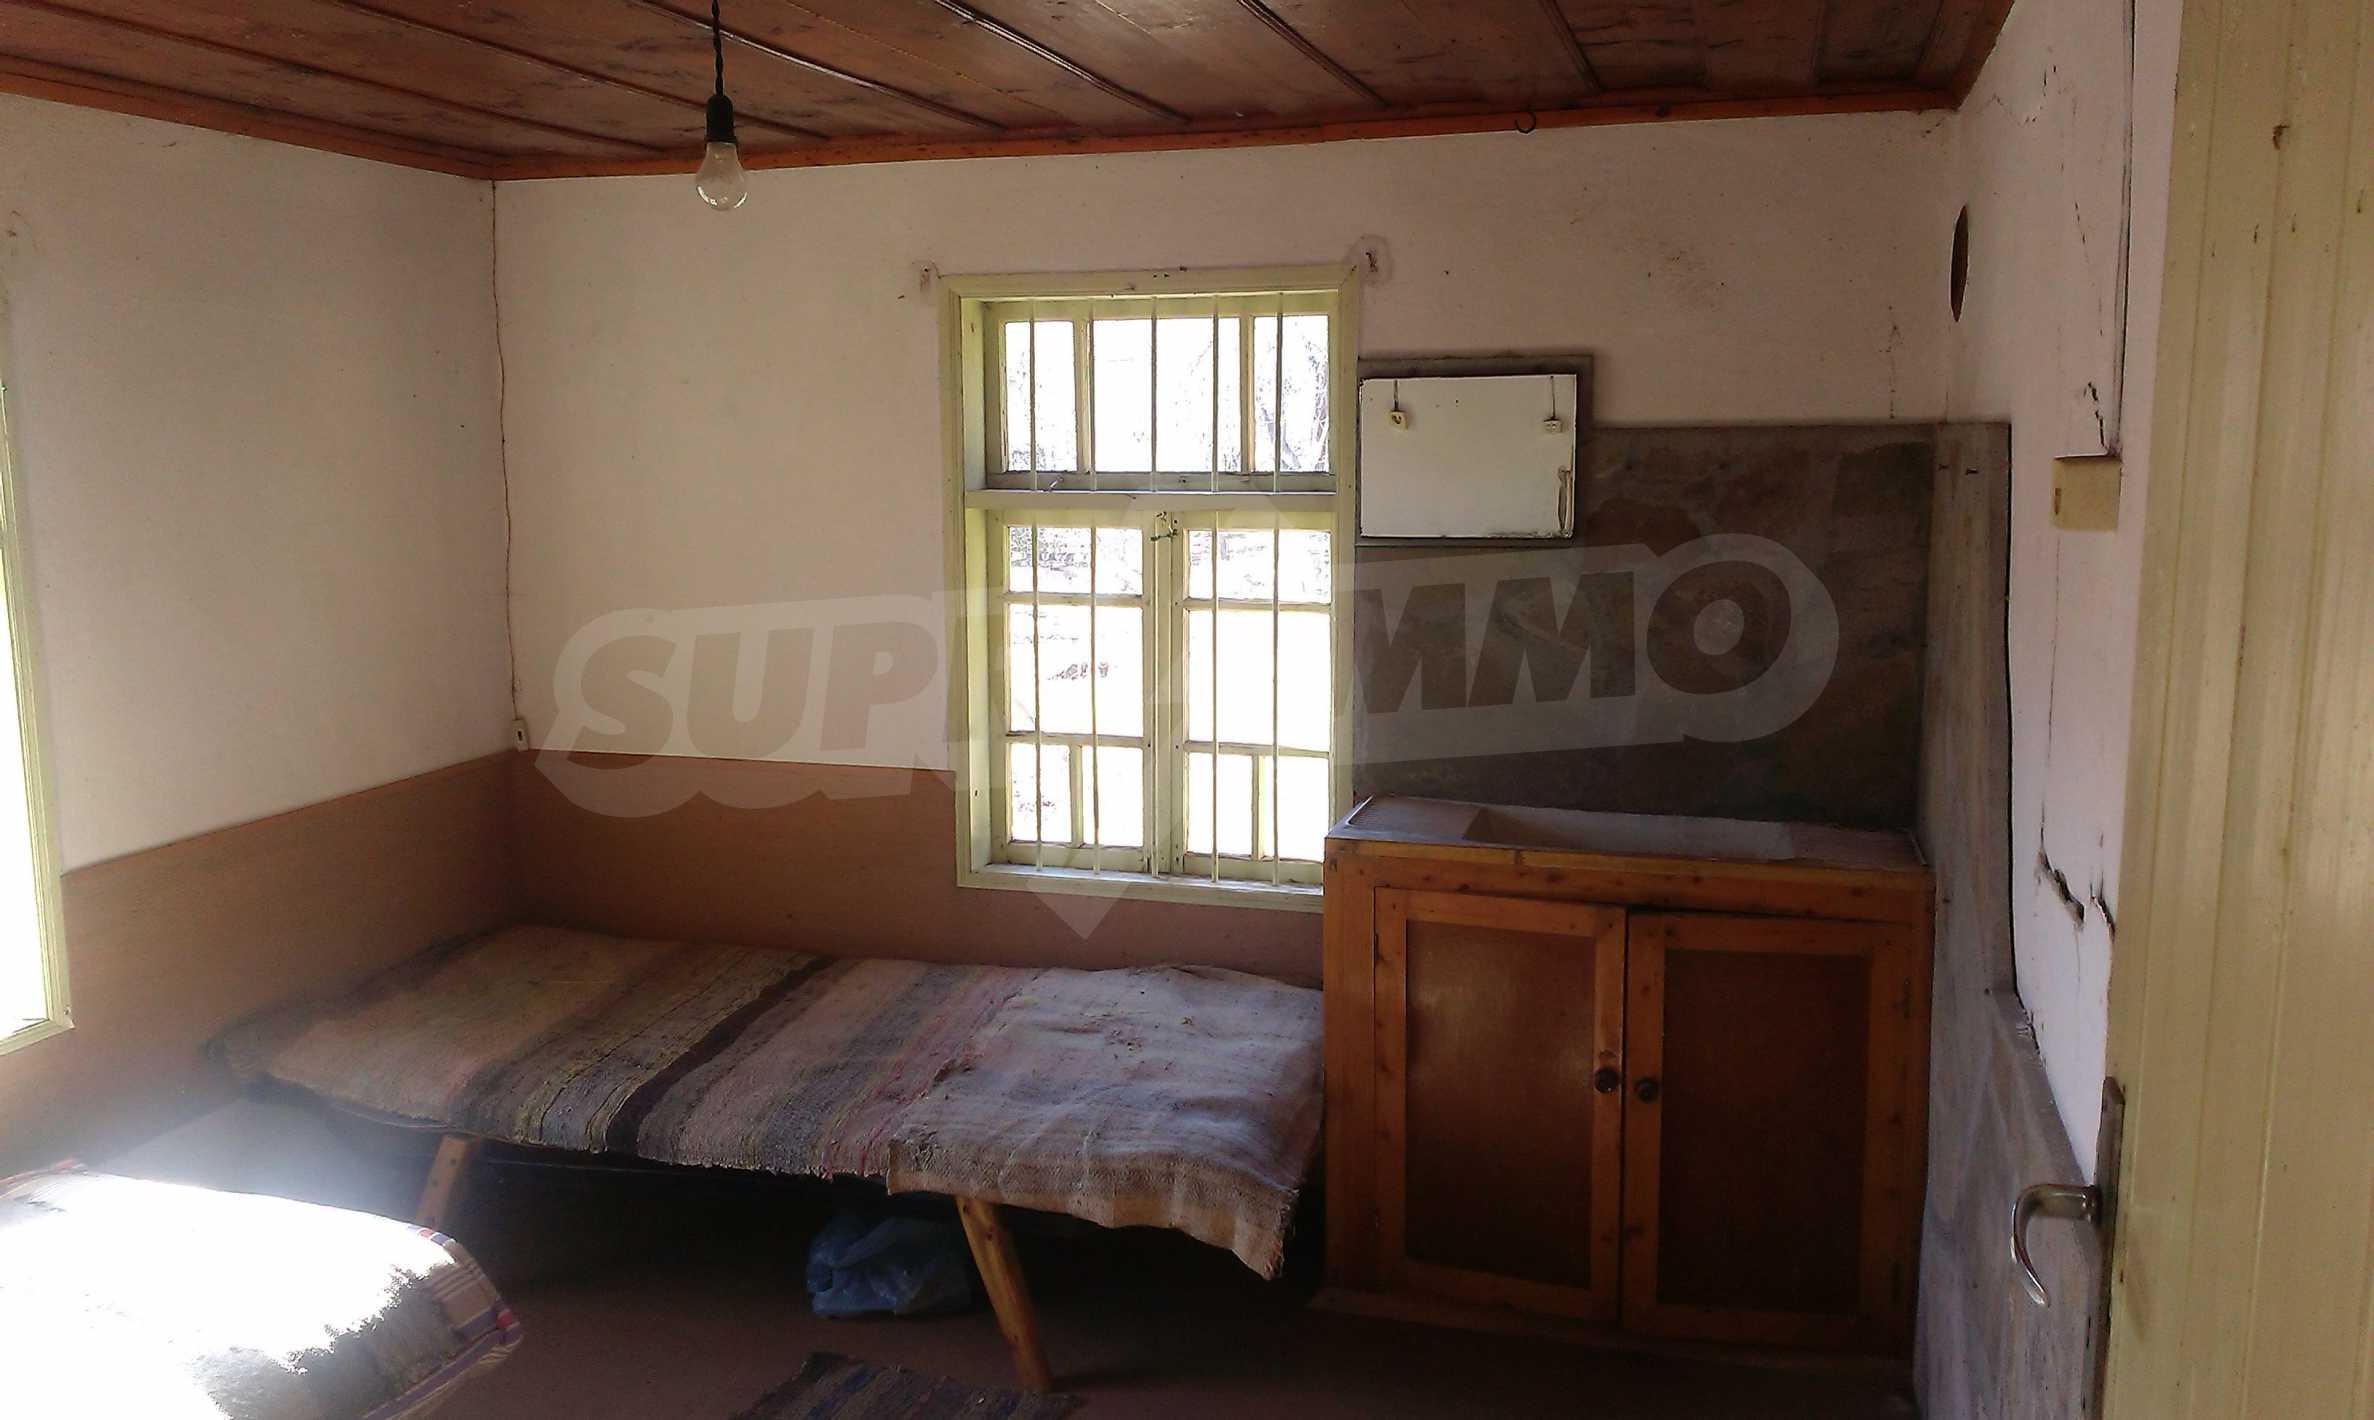 Тухлена двуетажна къща само на 22 км от Велико Търново  50